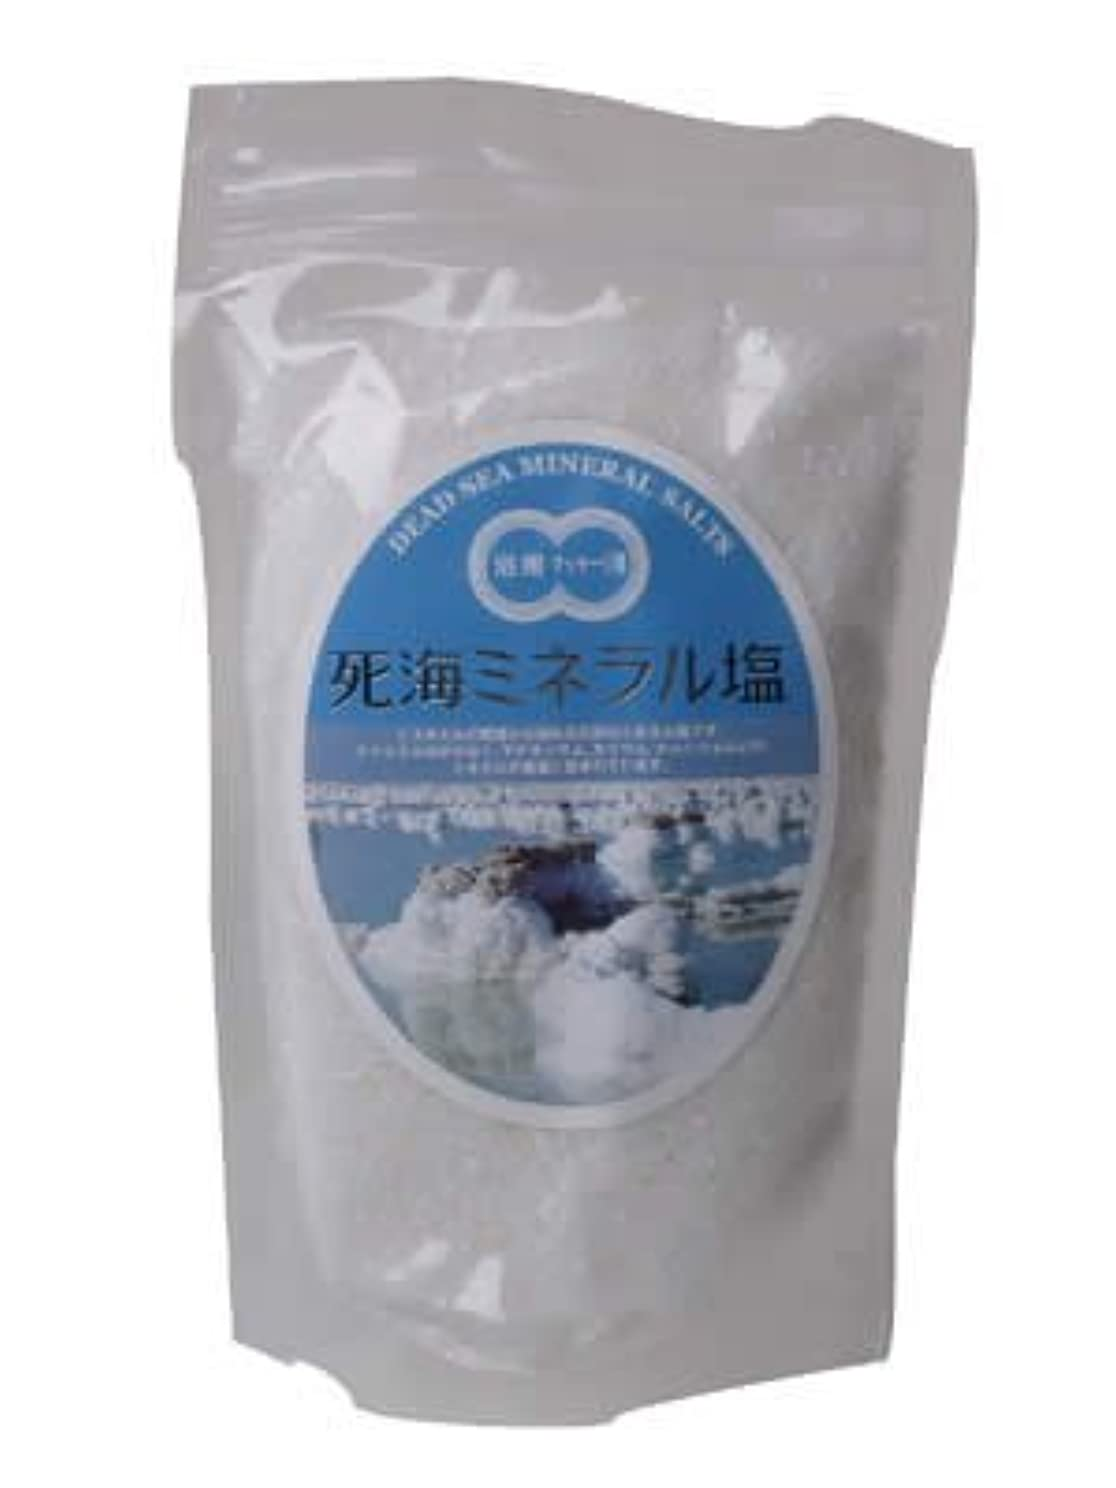 核地質学黄ばむ死海ミネラル塩 500g